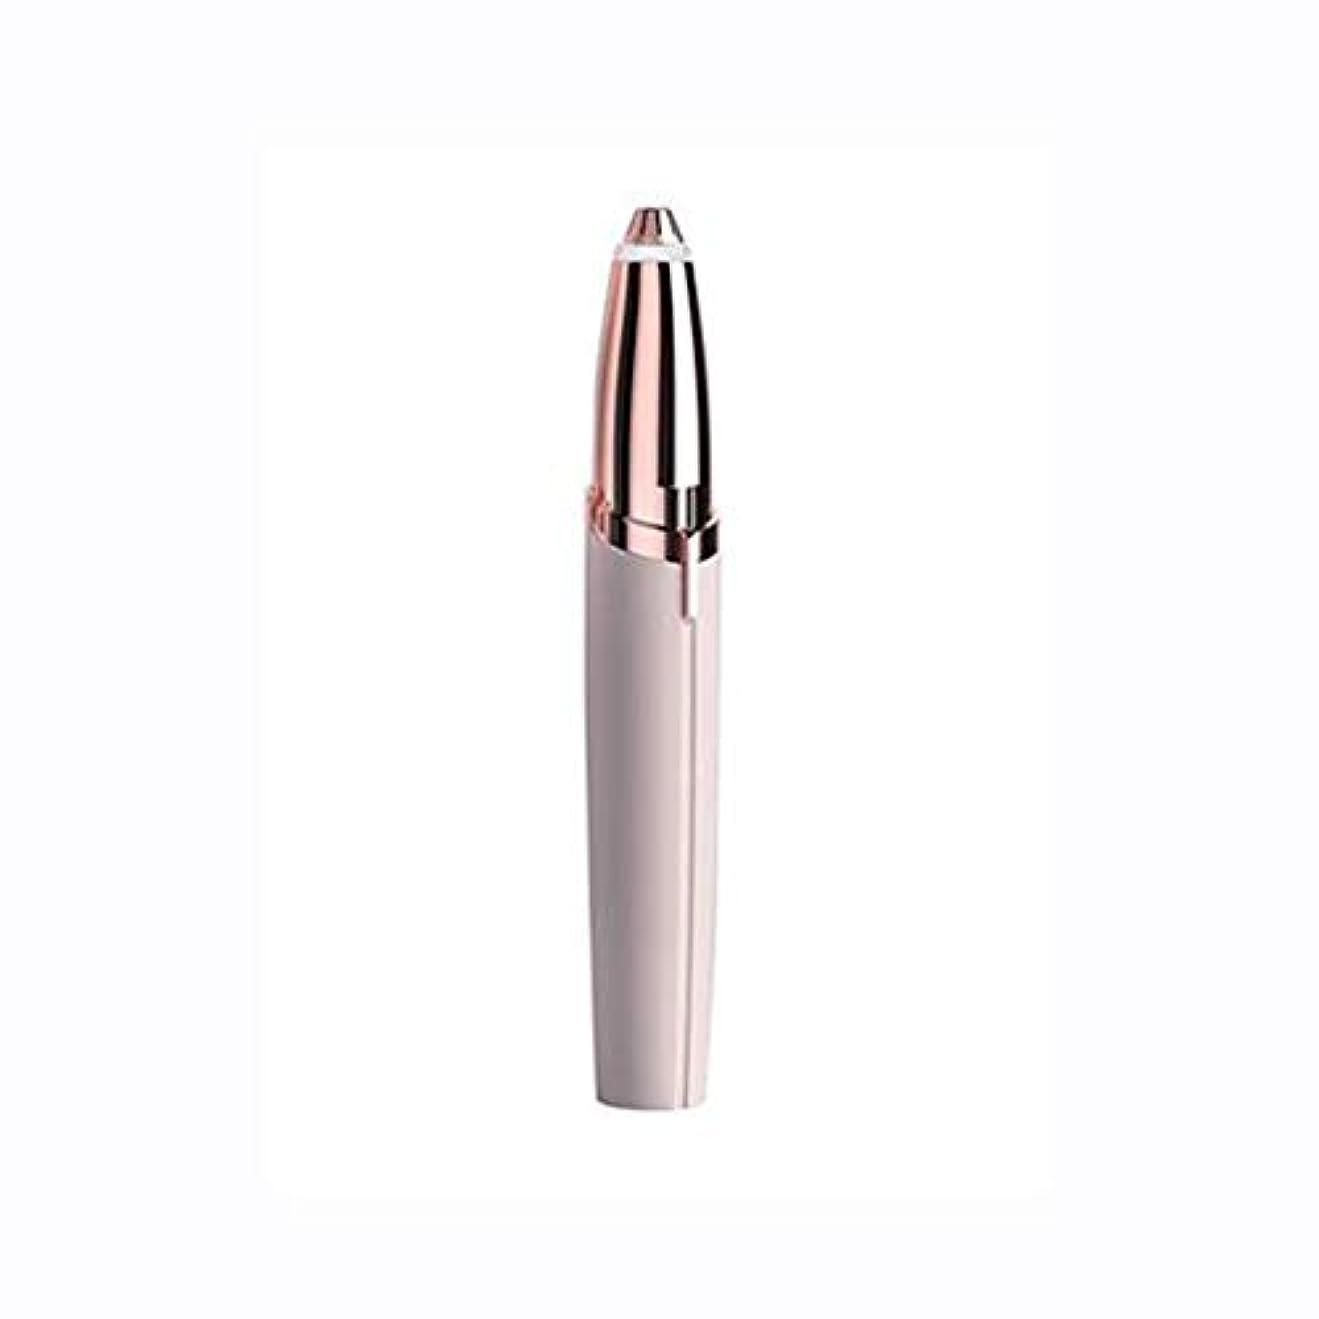 ビット同意するスライム最新のミニ眉毛トリマーシェイプリップクリーム眉毛金メッキ脱毛器(ローズゴールド、白)。,Gold